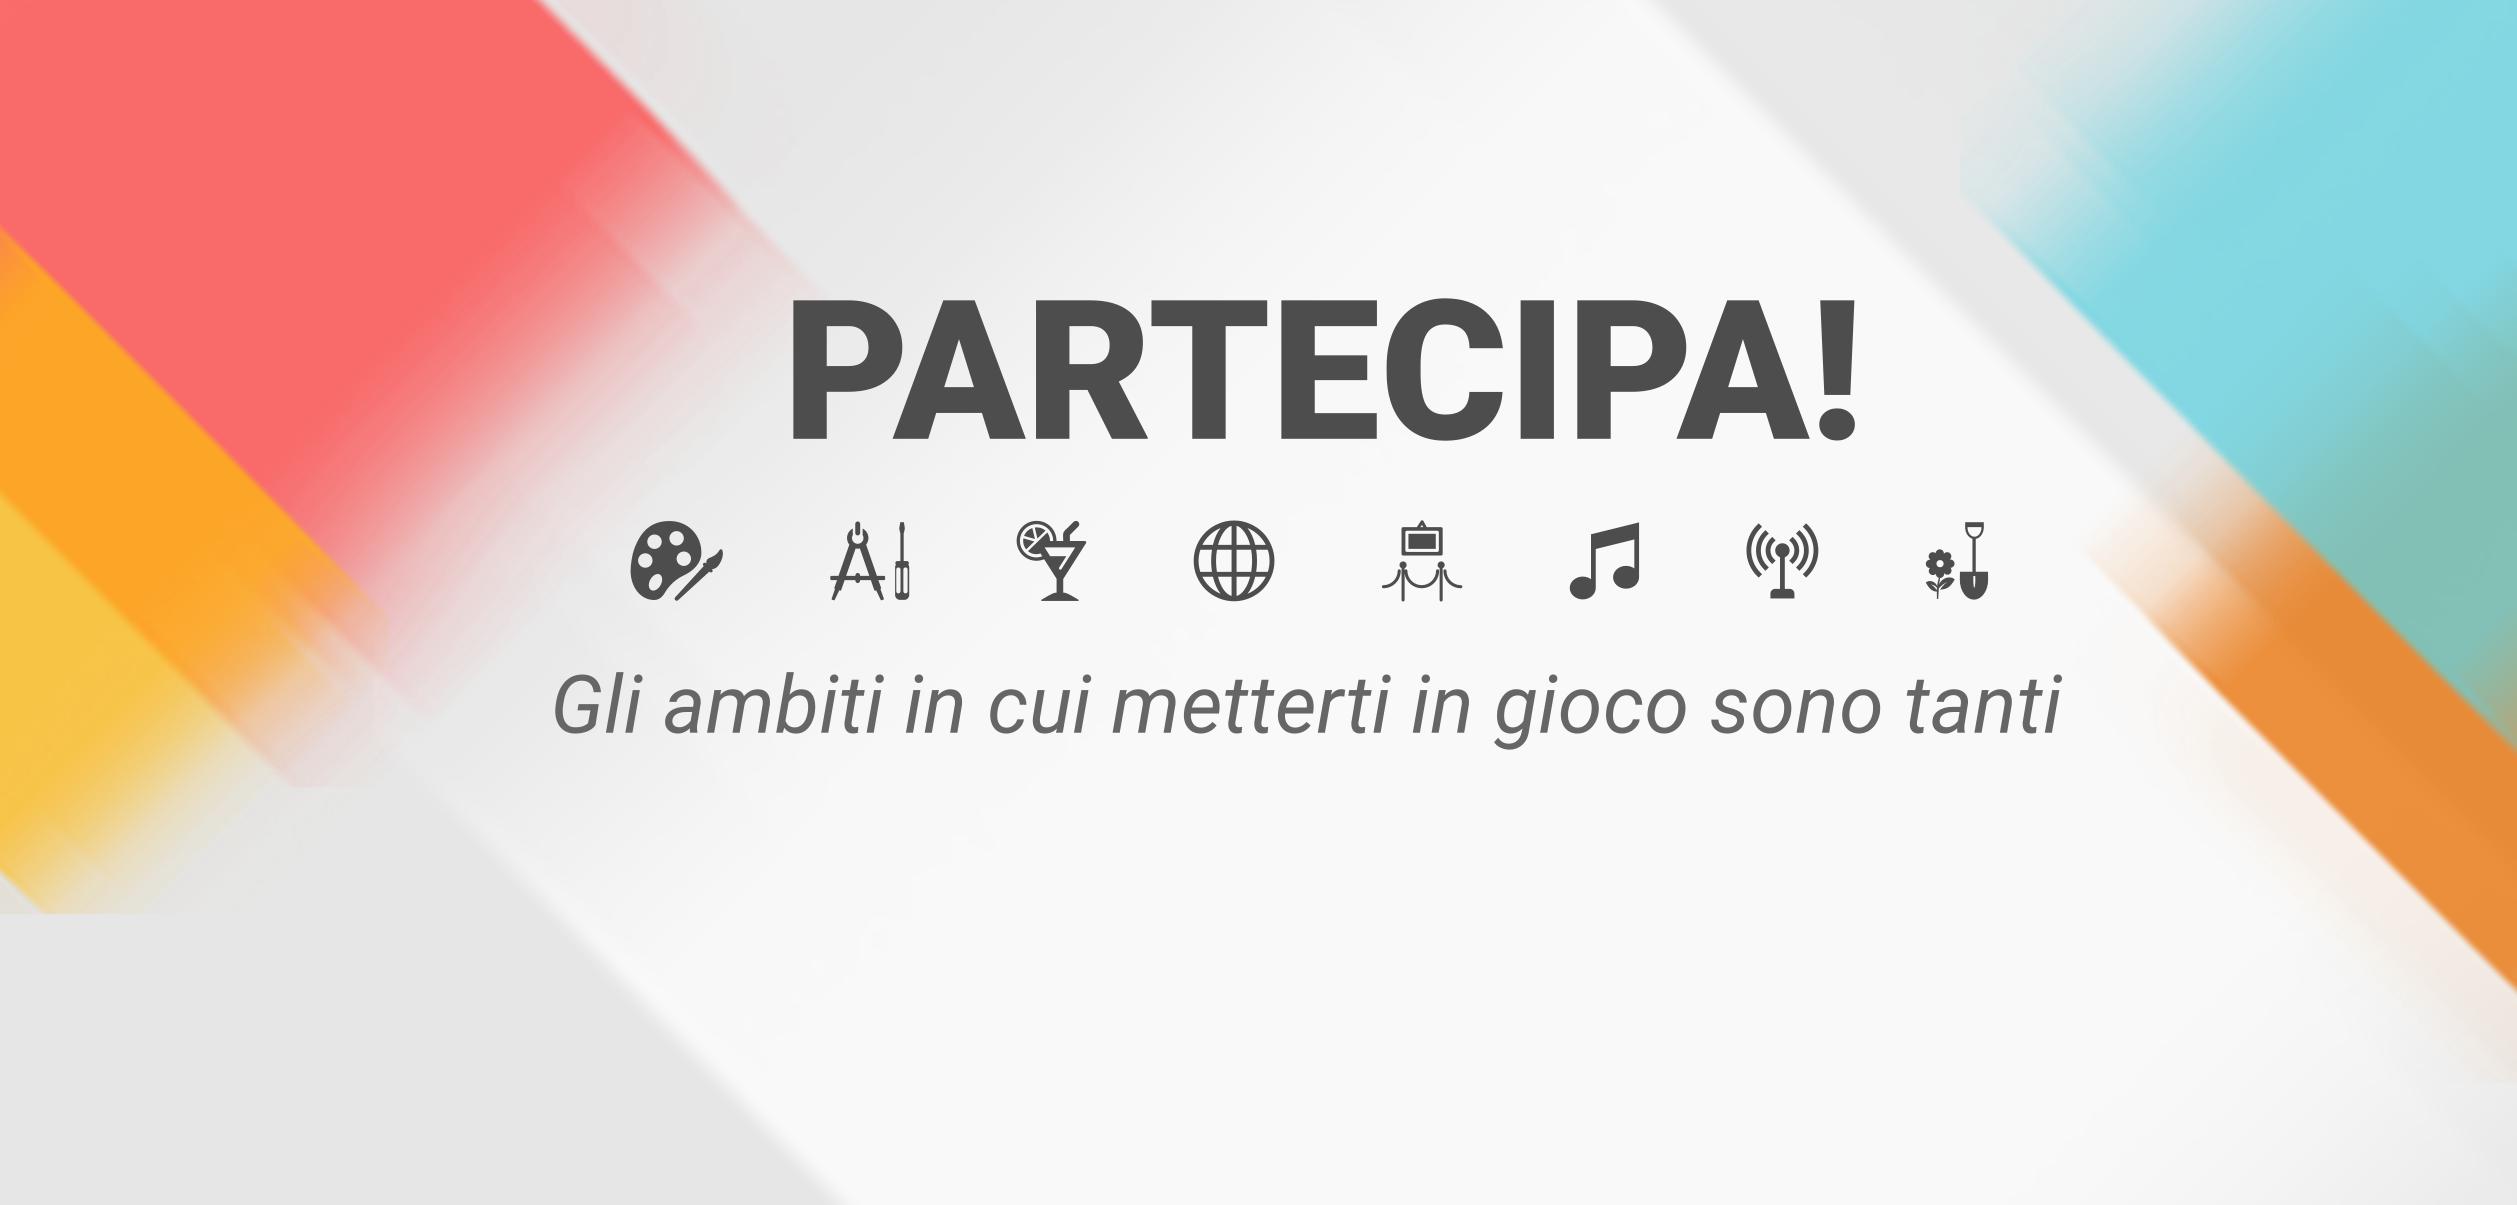 Stage , volontariato e formazione al Laboratorio Culturale I'M dell'Associazione Khorakhanè Abano Terme Padova